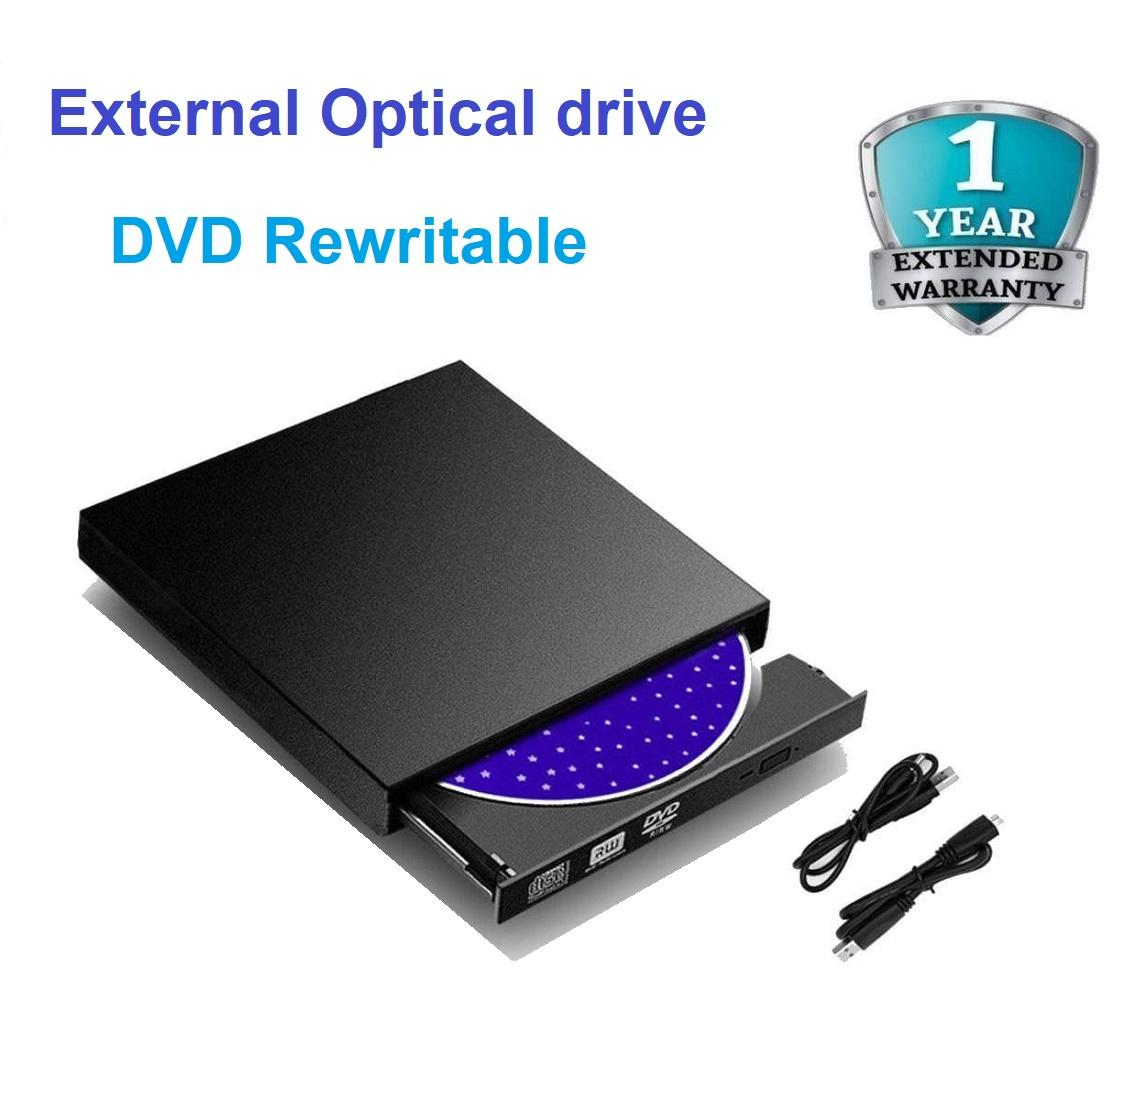 Hình ảnh Ổ Đĩa Quang Đọc Ghi CD DVD Gắn Ngoài Cổng USB Rewritable